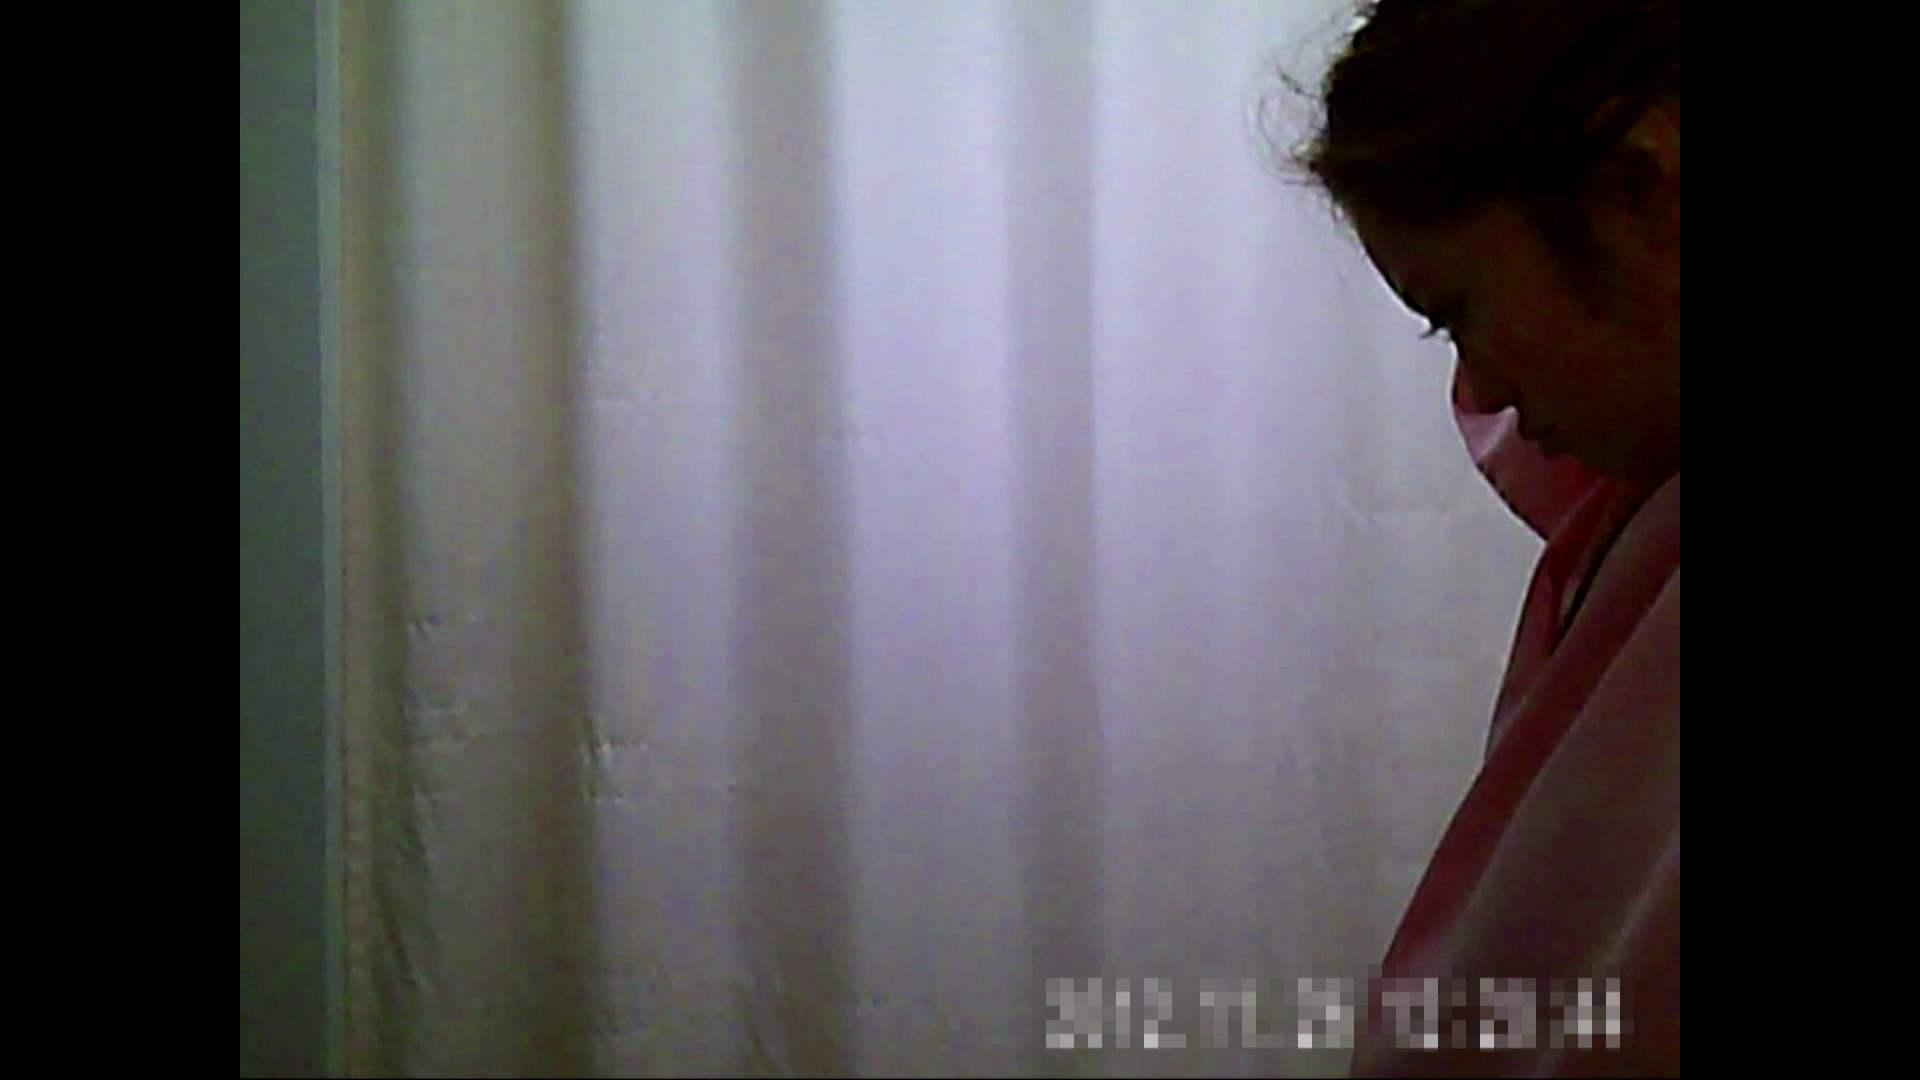 病院おもいっきり着替え! vol.159 盗撮 のぞき動画画像 106画像 30